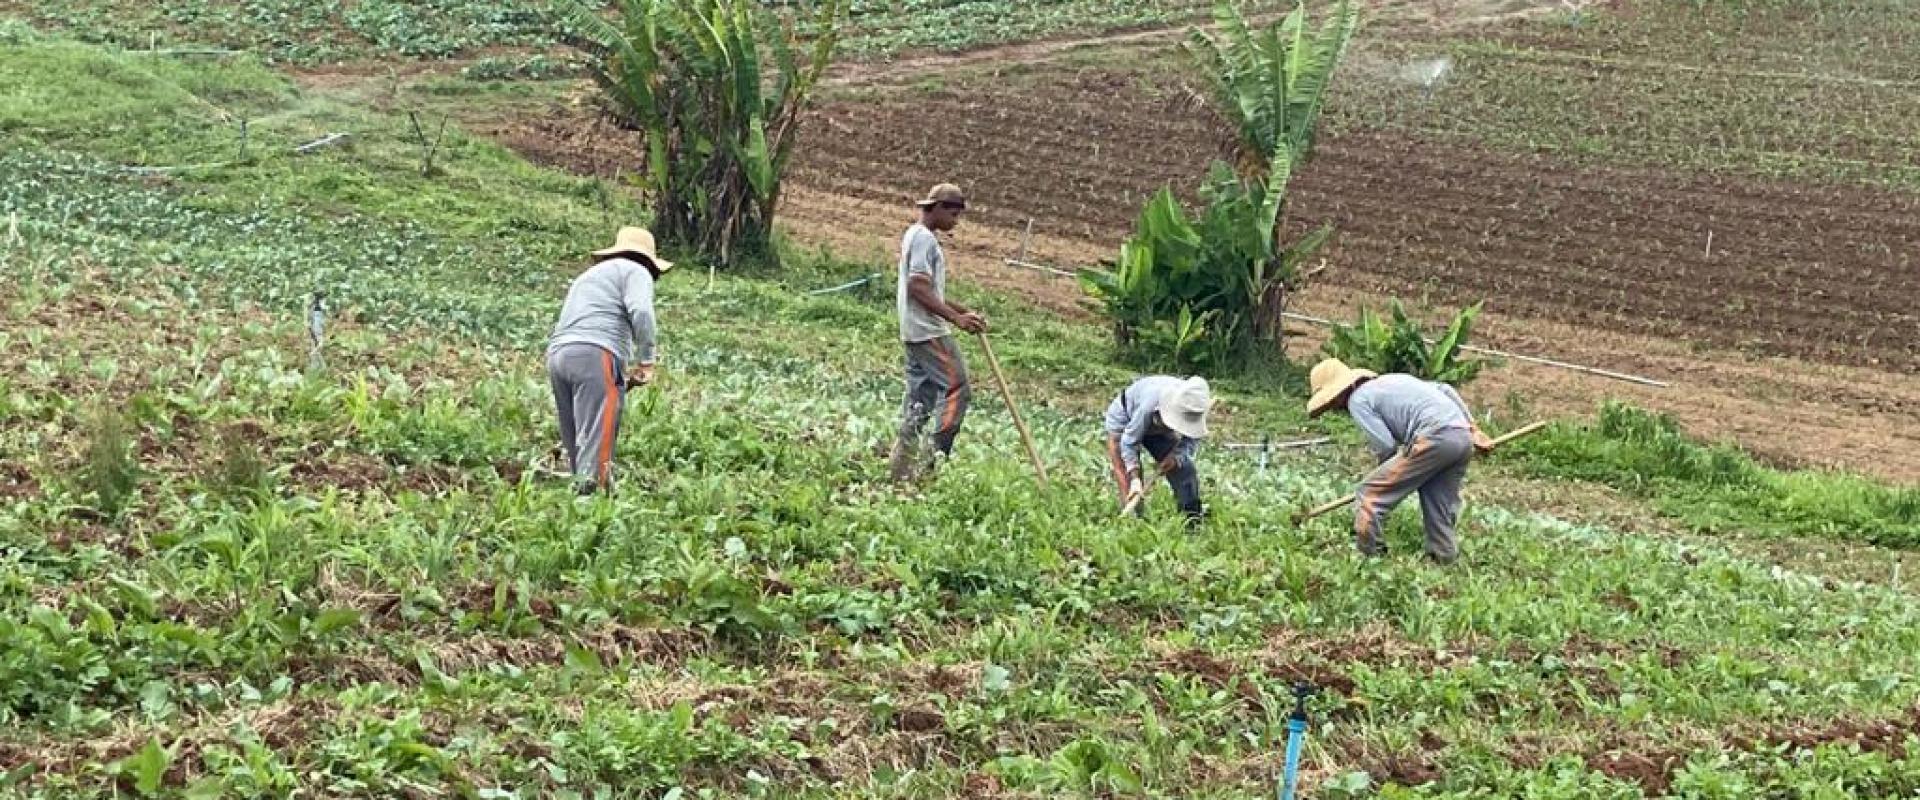 Trabalhadores na lavoura de orgânicos (Solo Vivo)